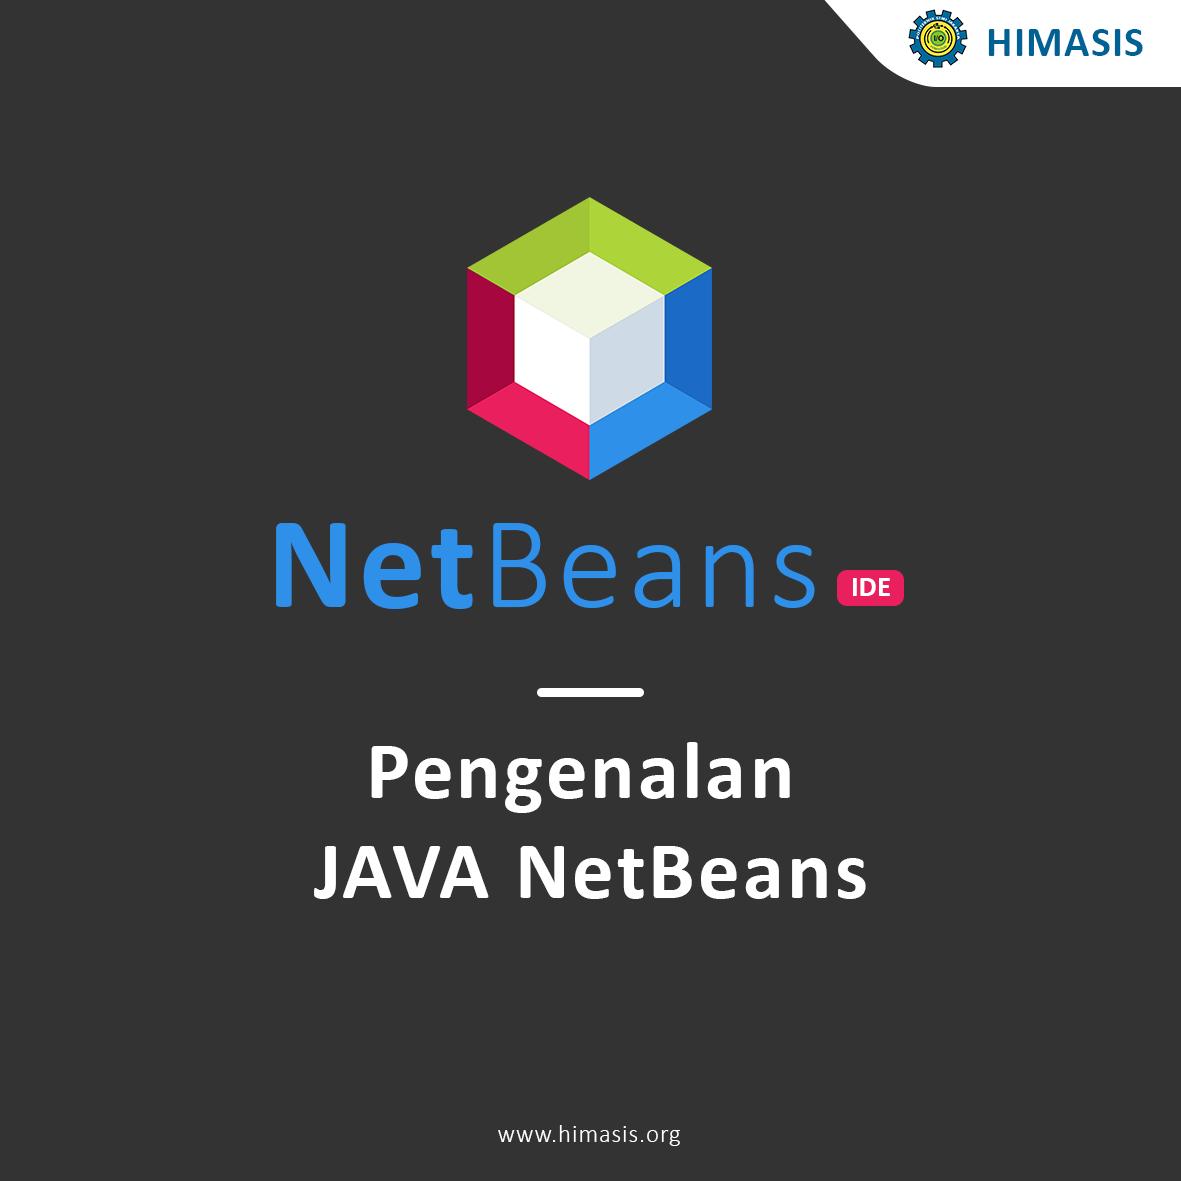 Pengenalan JAVA NetBeans